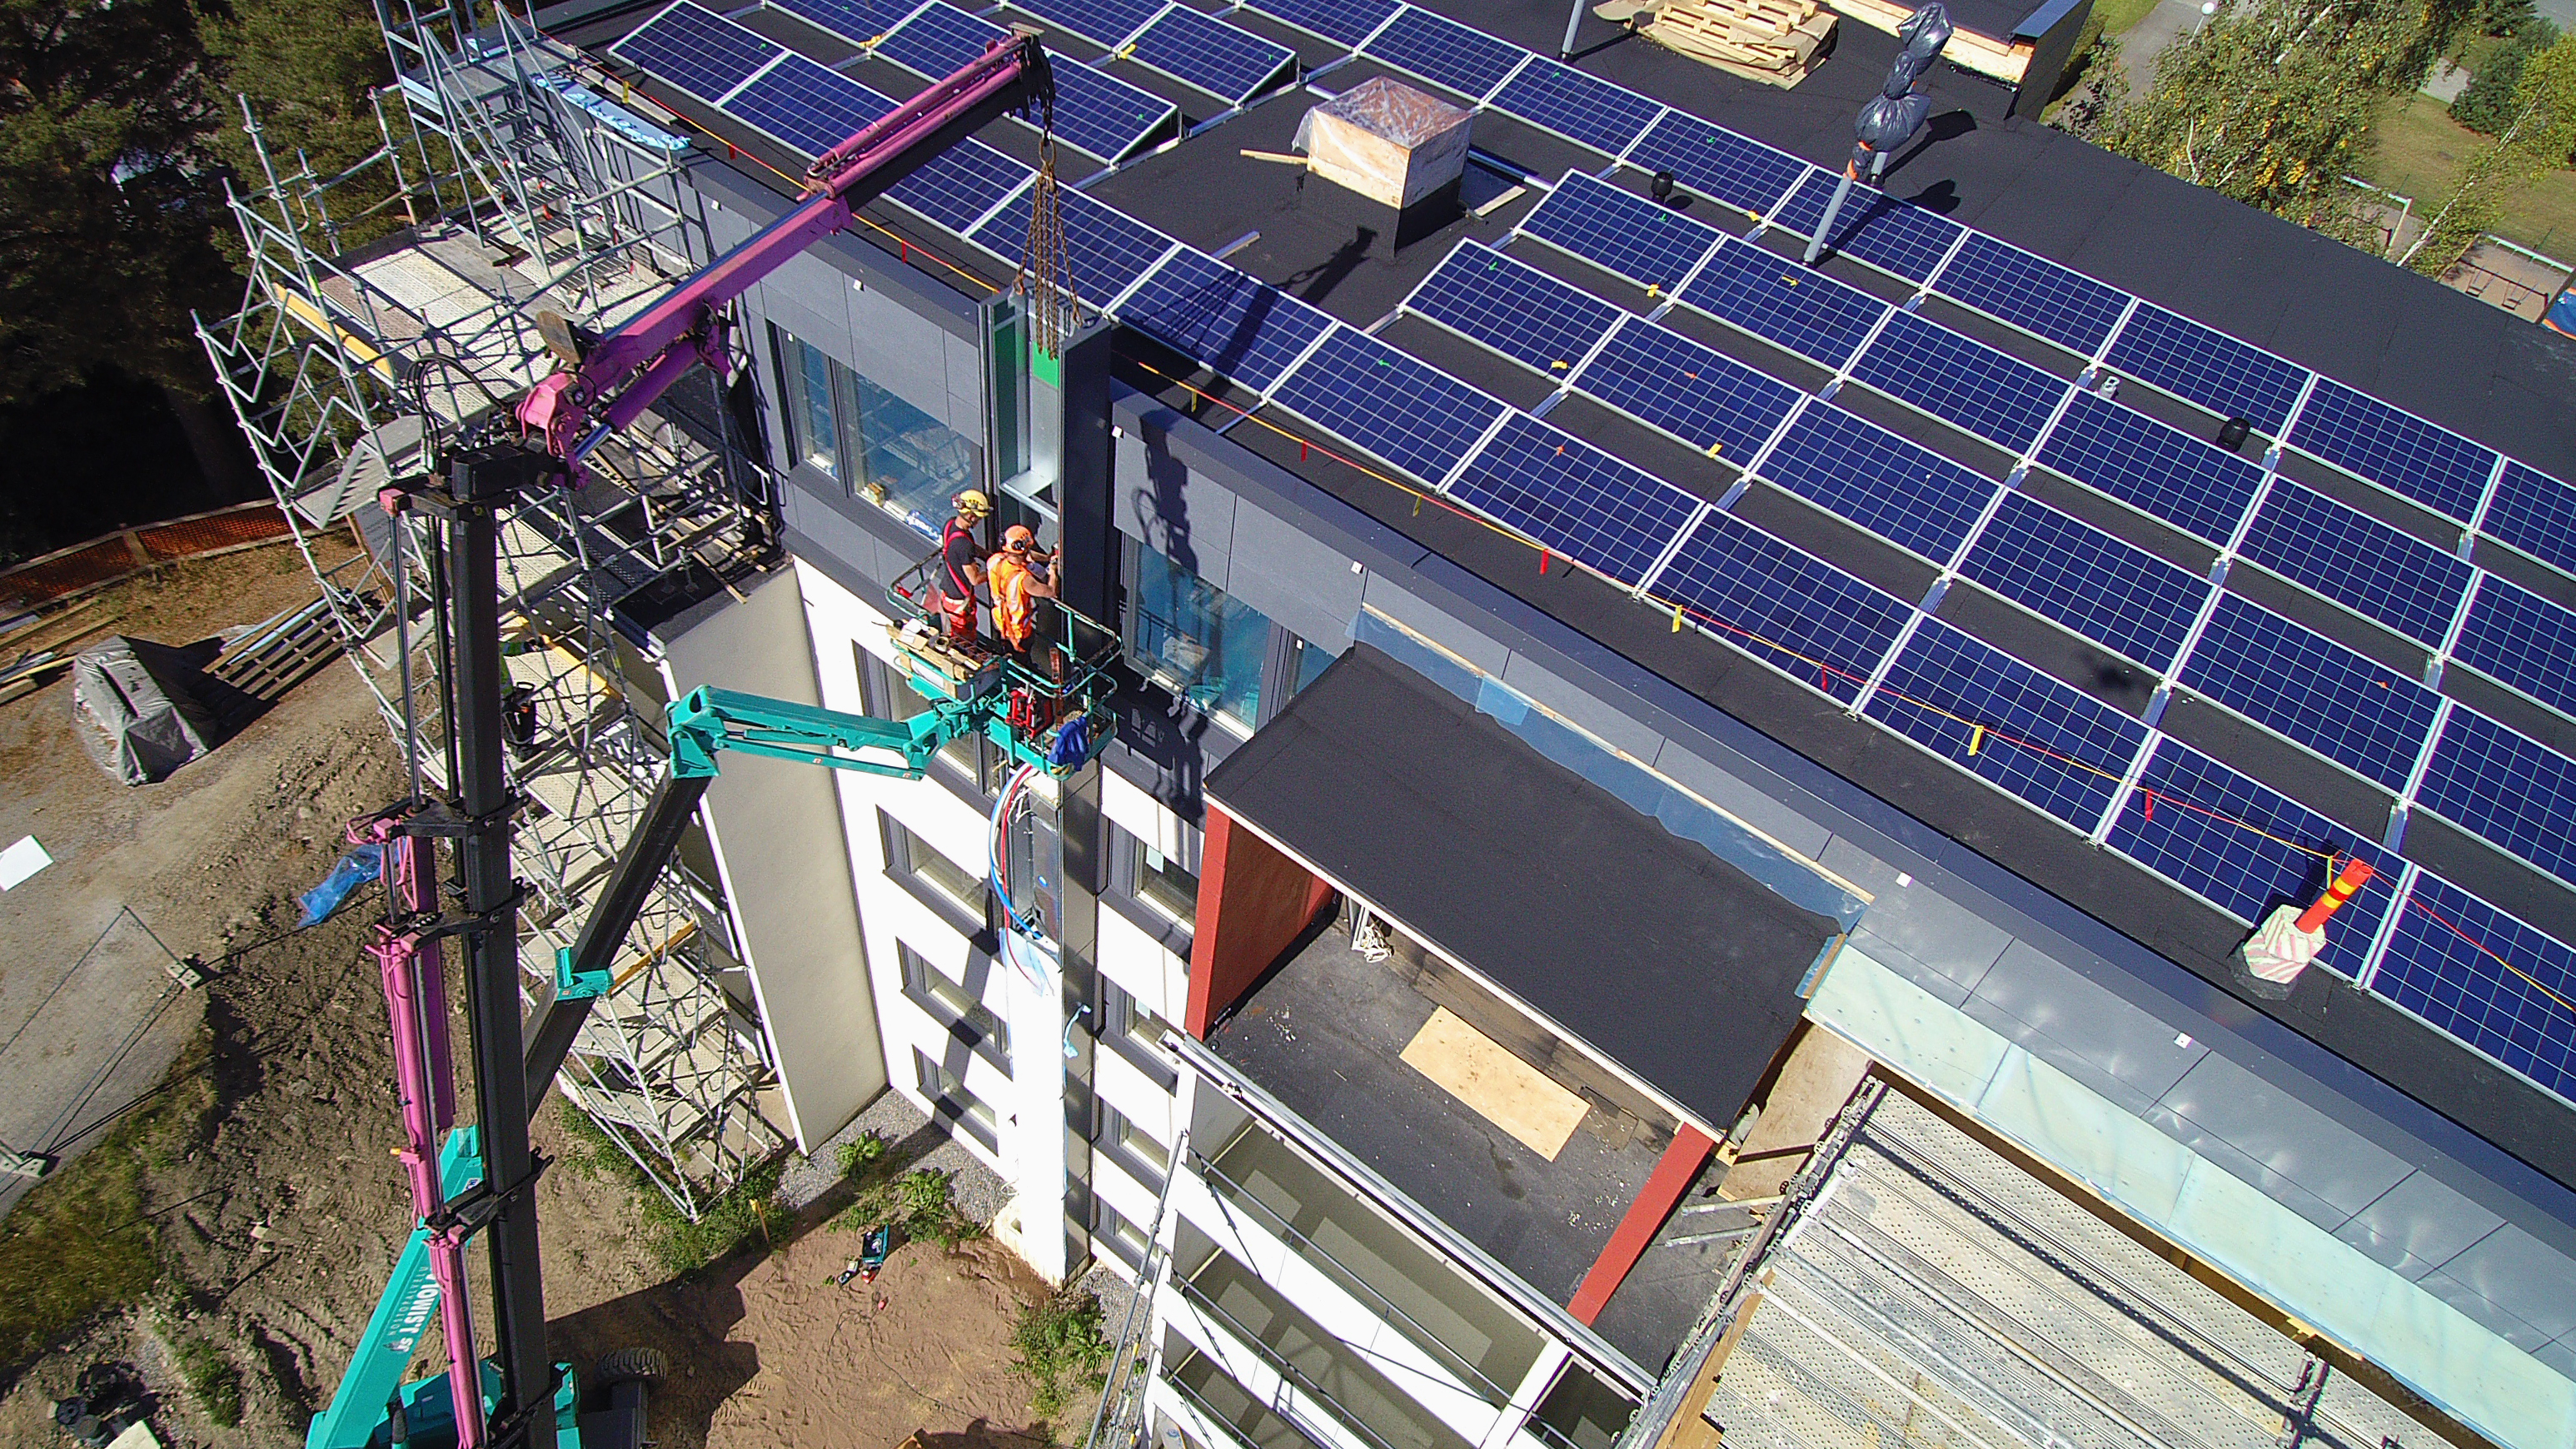 Talotekniikkahormin asentamista Raisiossa. Samalla asennettiin talon katolle aurinkopaneelit, jotka tuottavat osan energiasta. Aurinkosähkön tuotto on huipussaan kesäisin, samaan aikaan kuin viilennystarve.